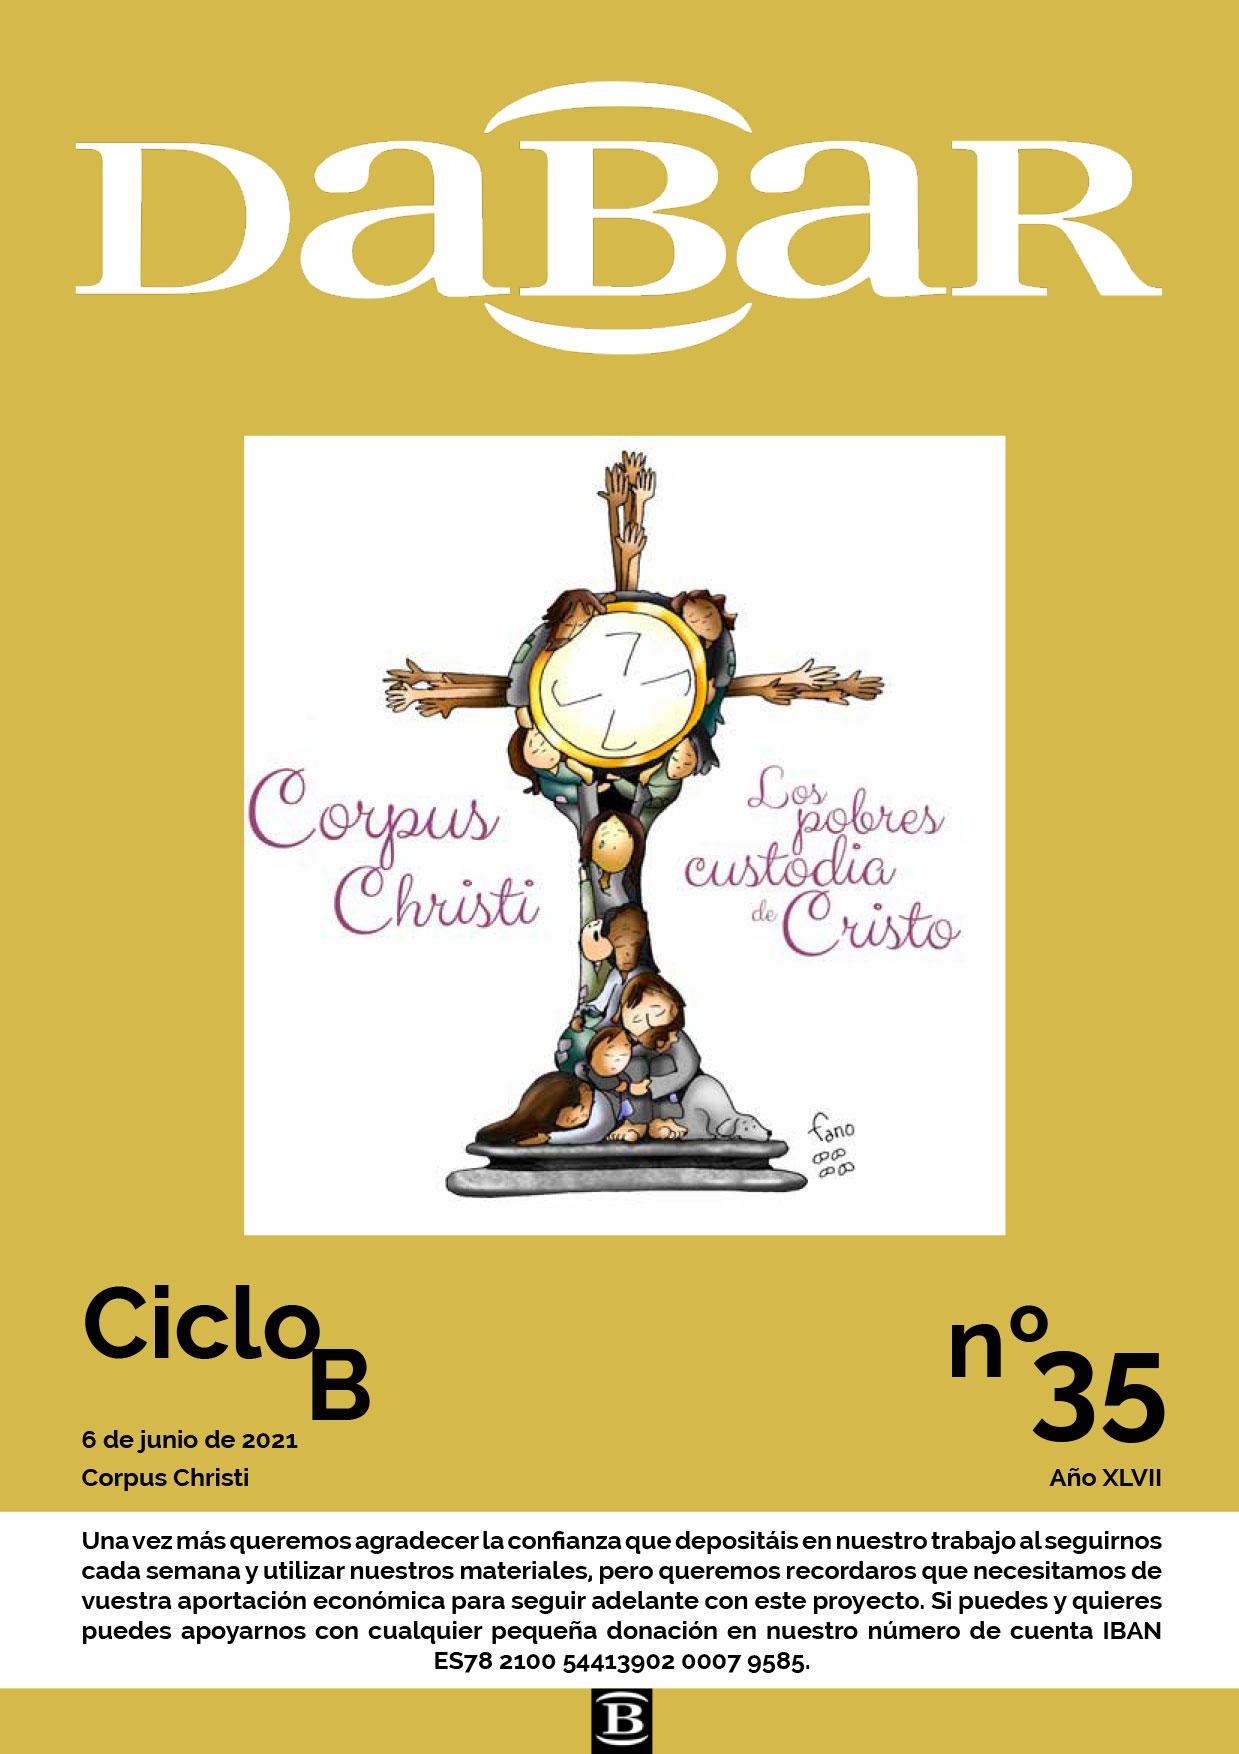 Dabar Revista numero 35 ciclo B